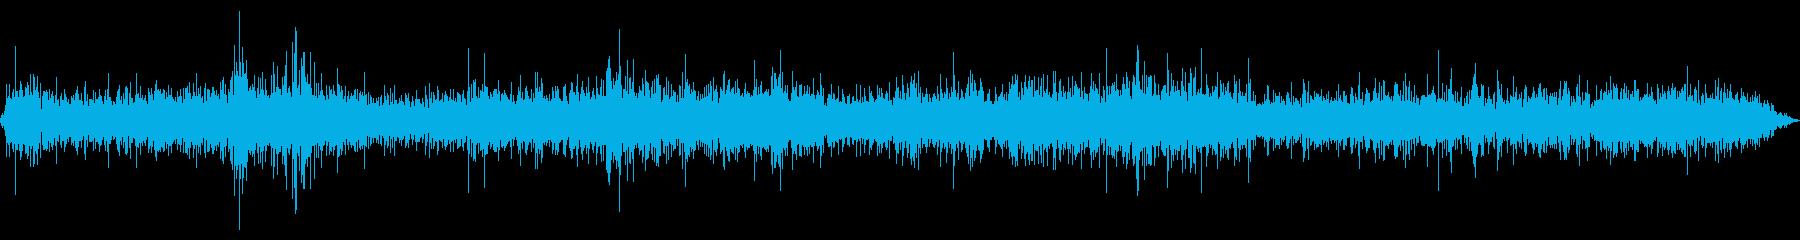 アンティークチューブ無線ラジオの再生済みの波形